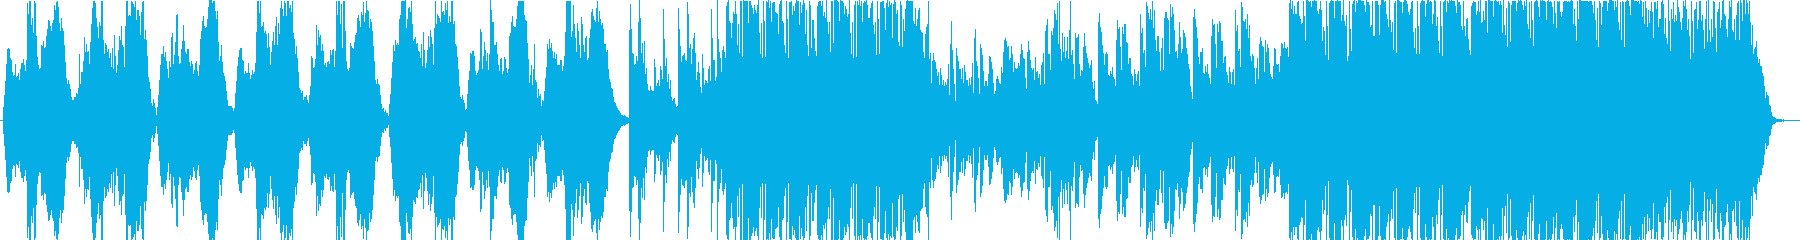 鐘が不気味なホラー系BGMの再生済みの波形